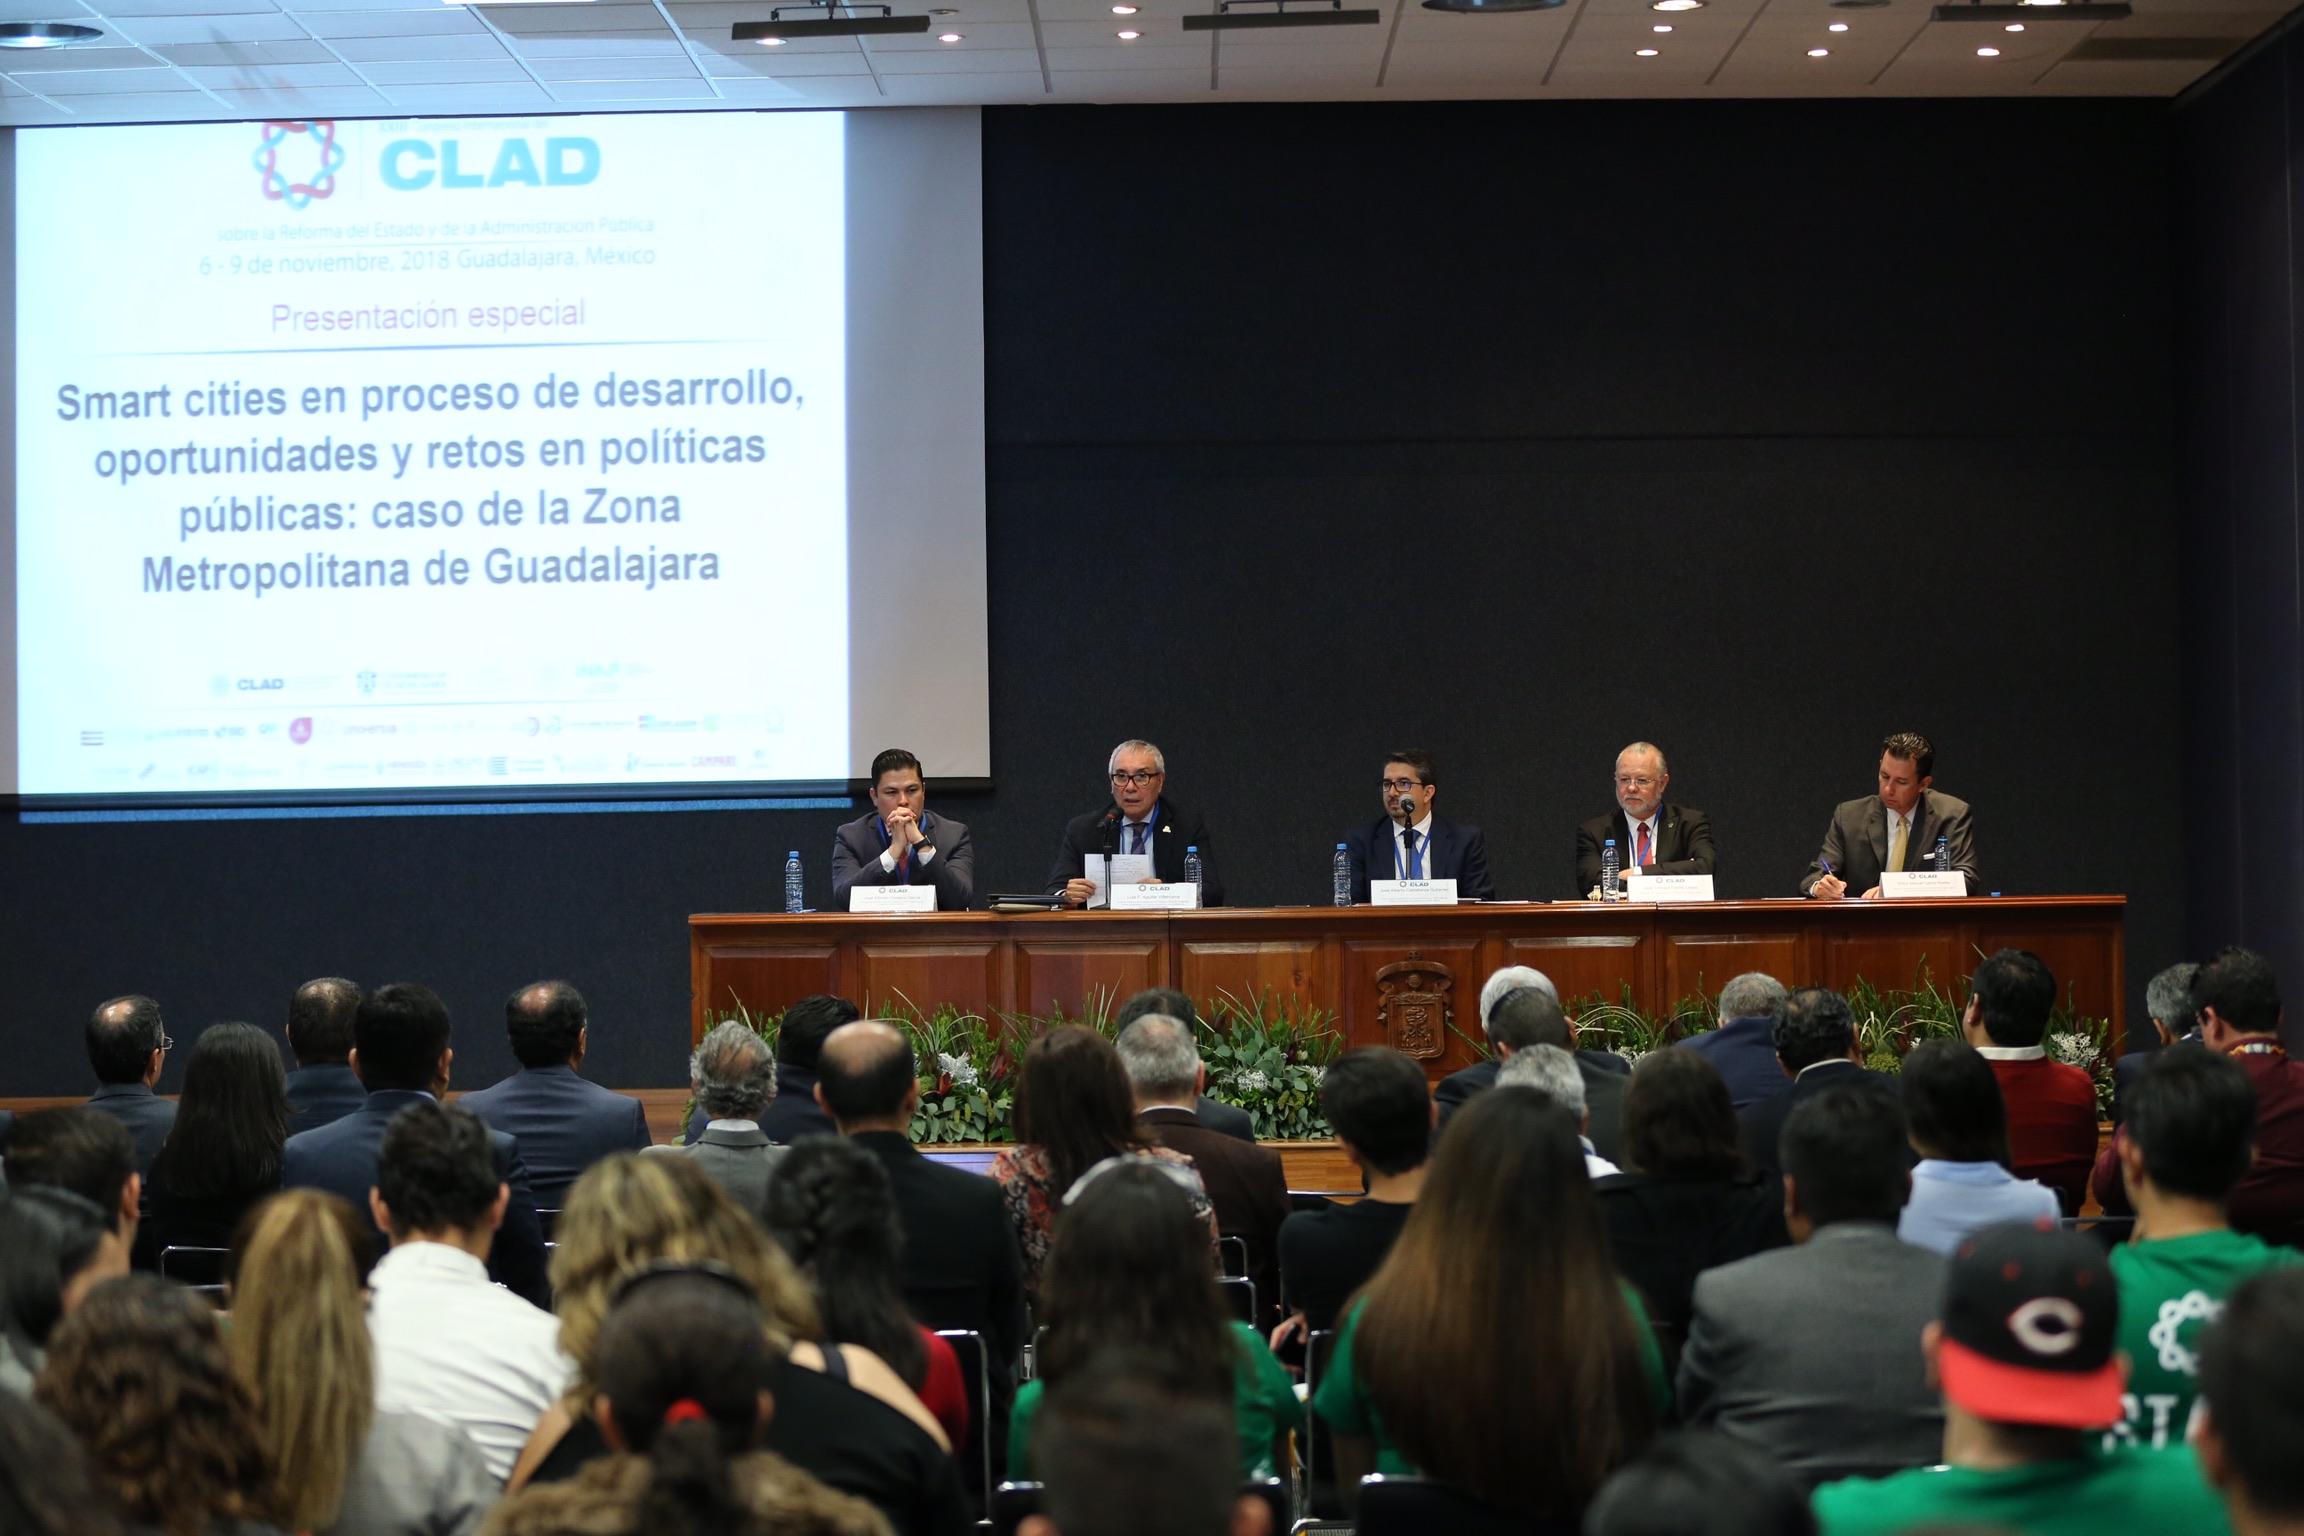 Doctor Luis Fernando Aguilar Villanueva, Director del Instituto de Investigación en Políticas Públicas y Gobierno del CUCEA, haciendo uso de la palabra.